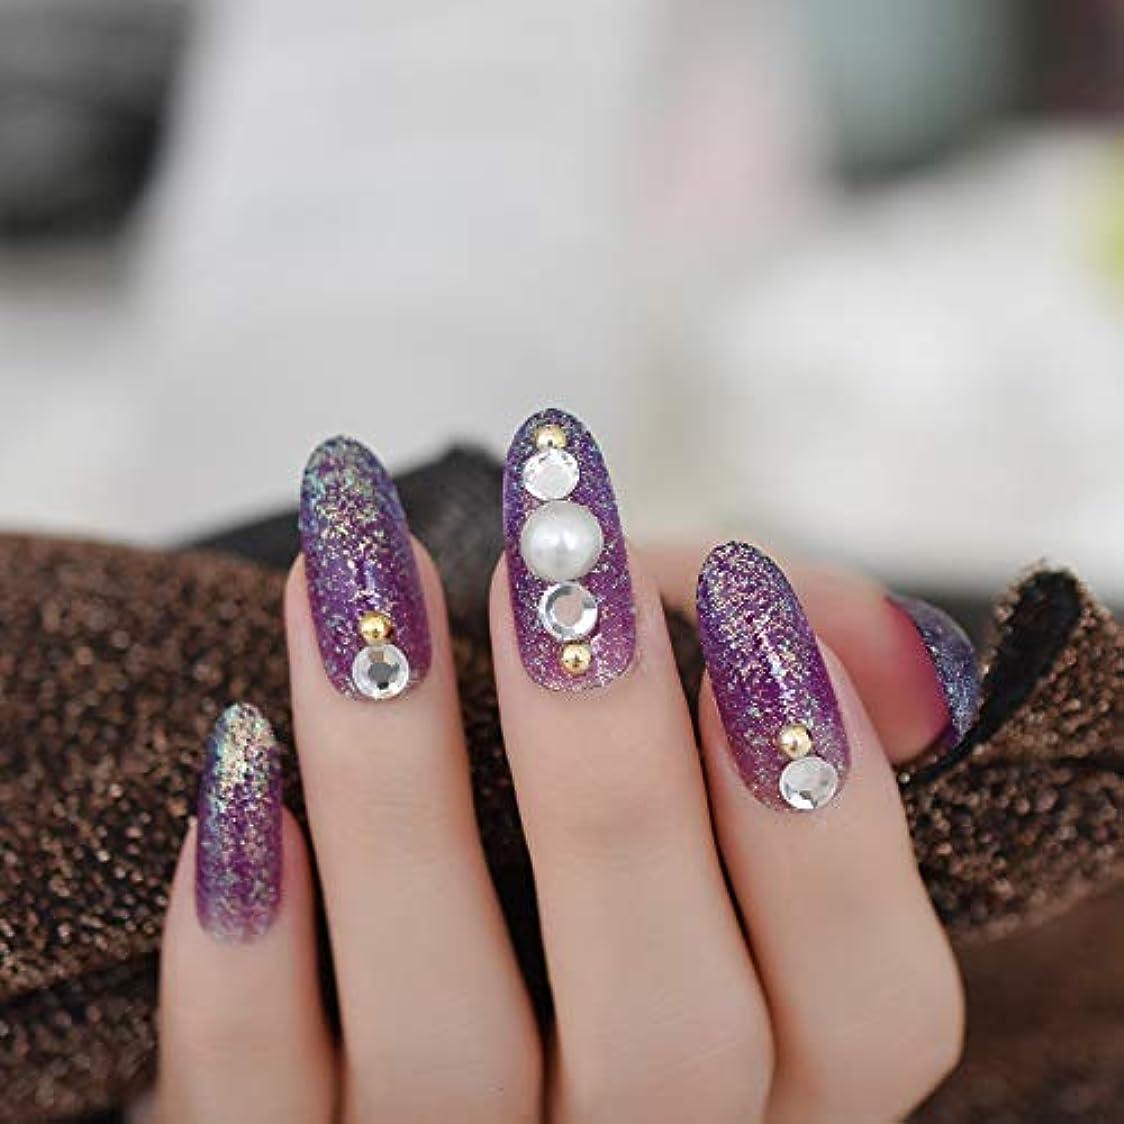 抑圧者強調するミリメーターXUTXZKA 指のタブのために装飾された長い楕円形のキラキラ偽の釘紫大